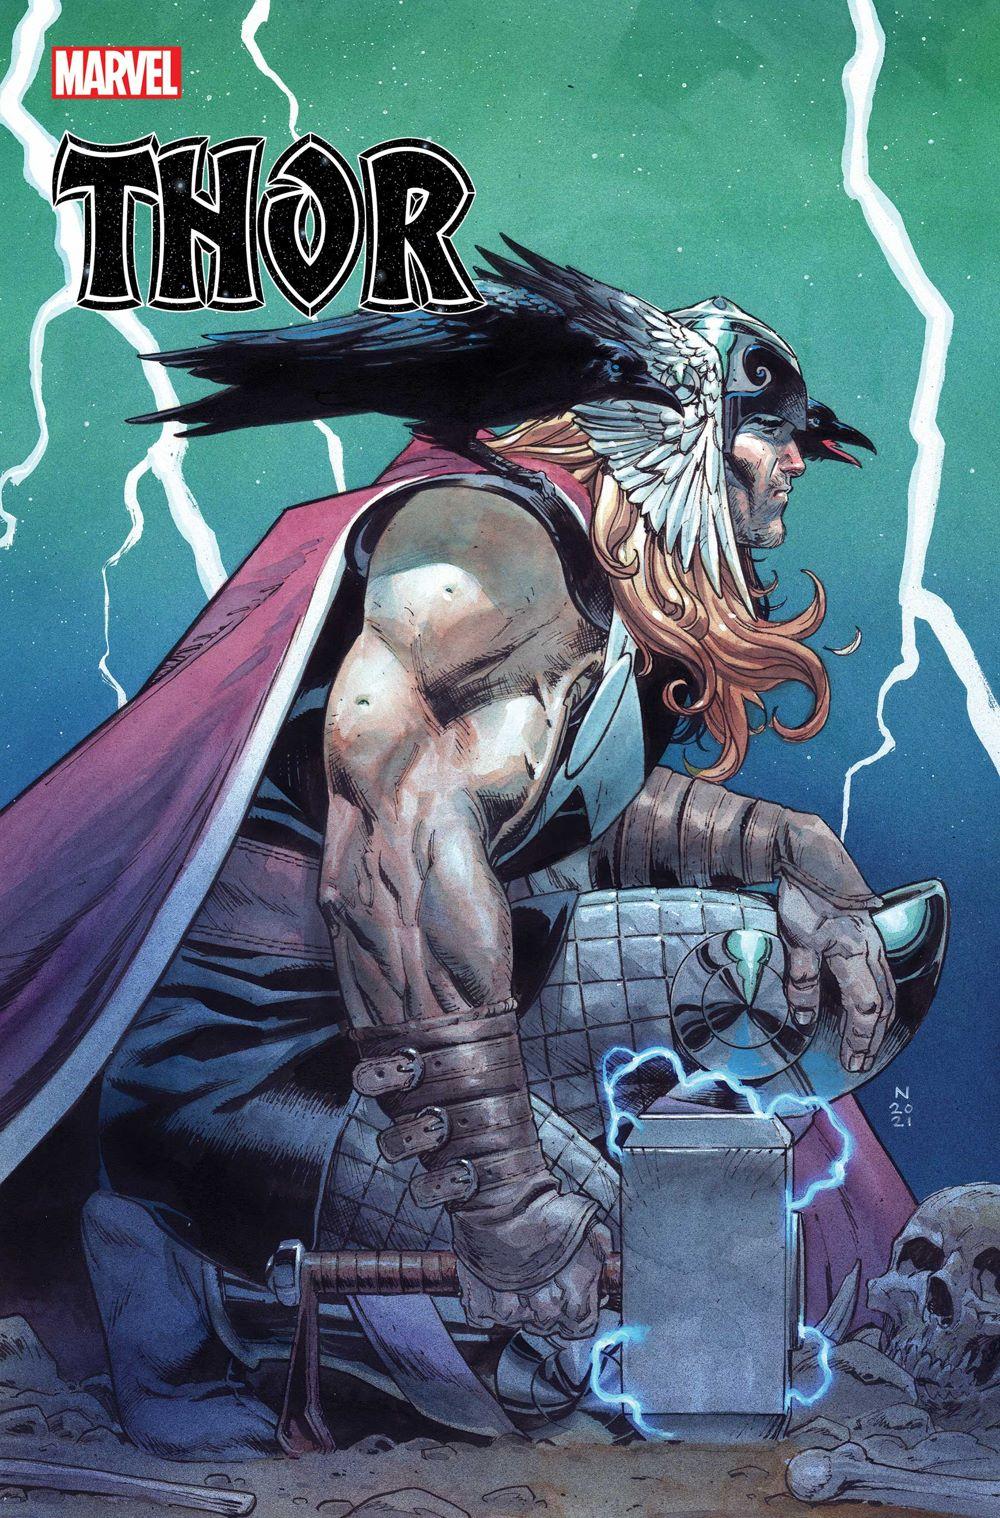 THOR2020015_Klein-var-1 Thor battles Captain America on THOR #15 variant cover